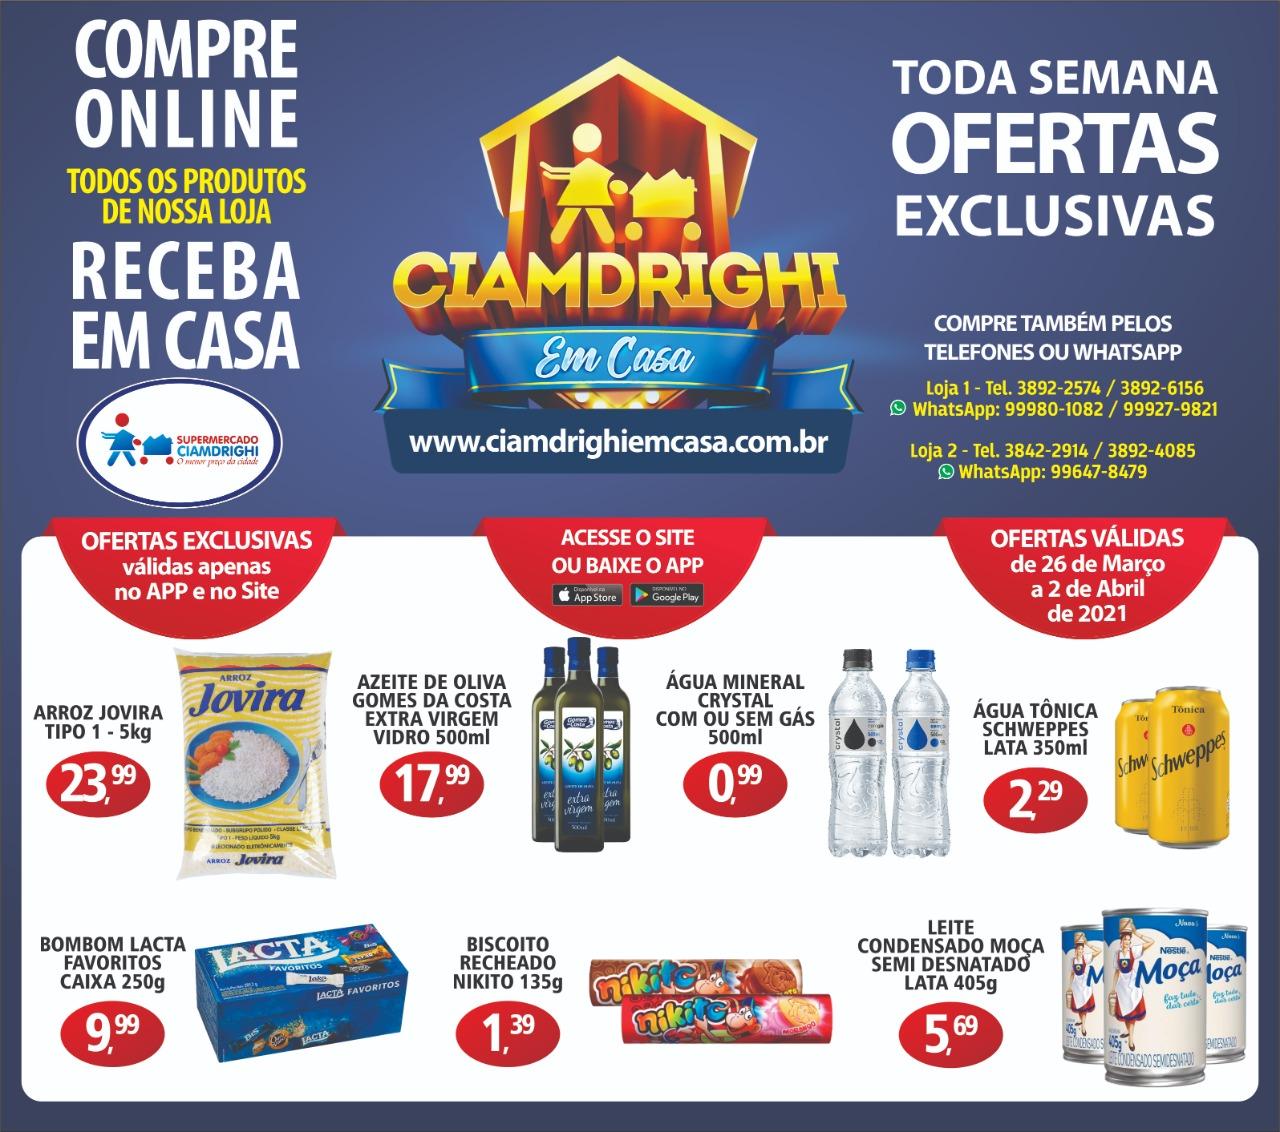 Ciamdrighi tem ofertas para o delivery